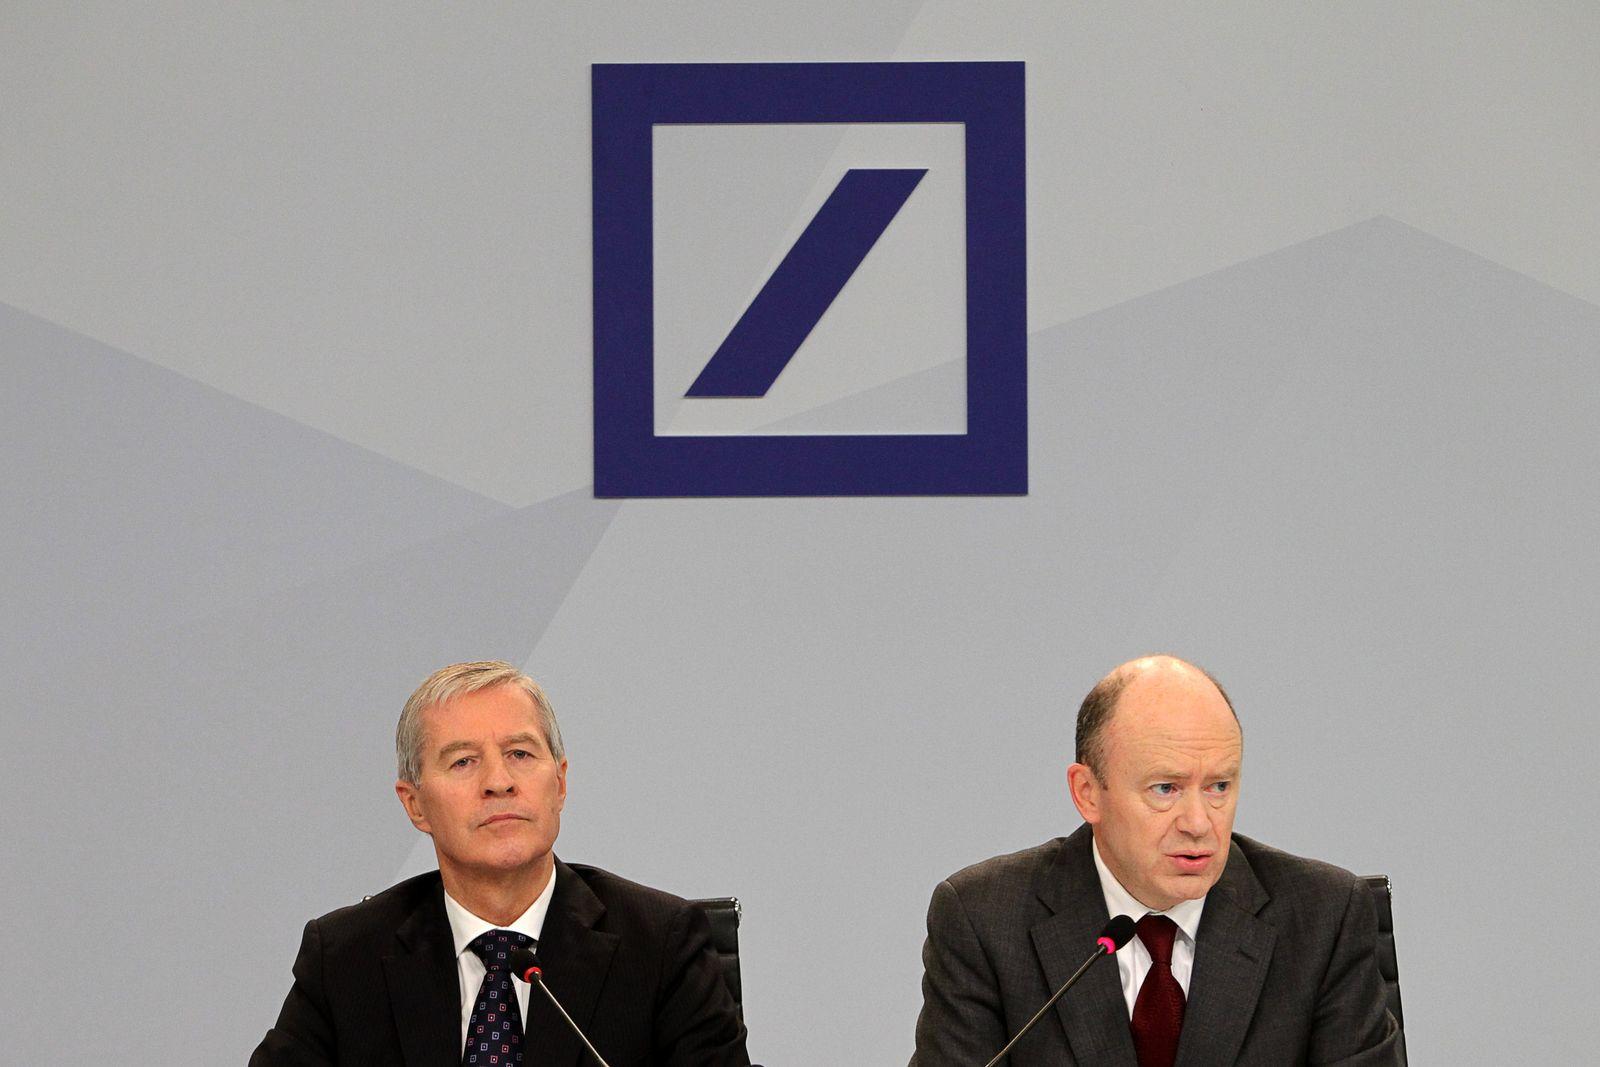 Pressekonferenz Deutsche Bank / Jürgen Fitschen / John Cryan